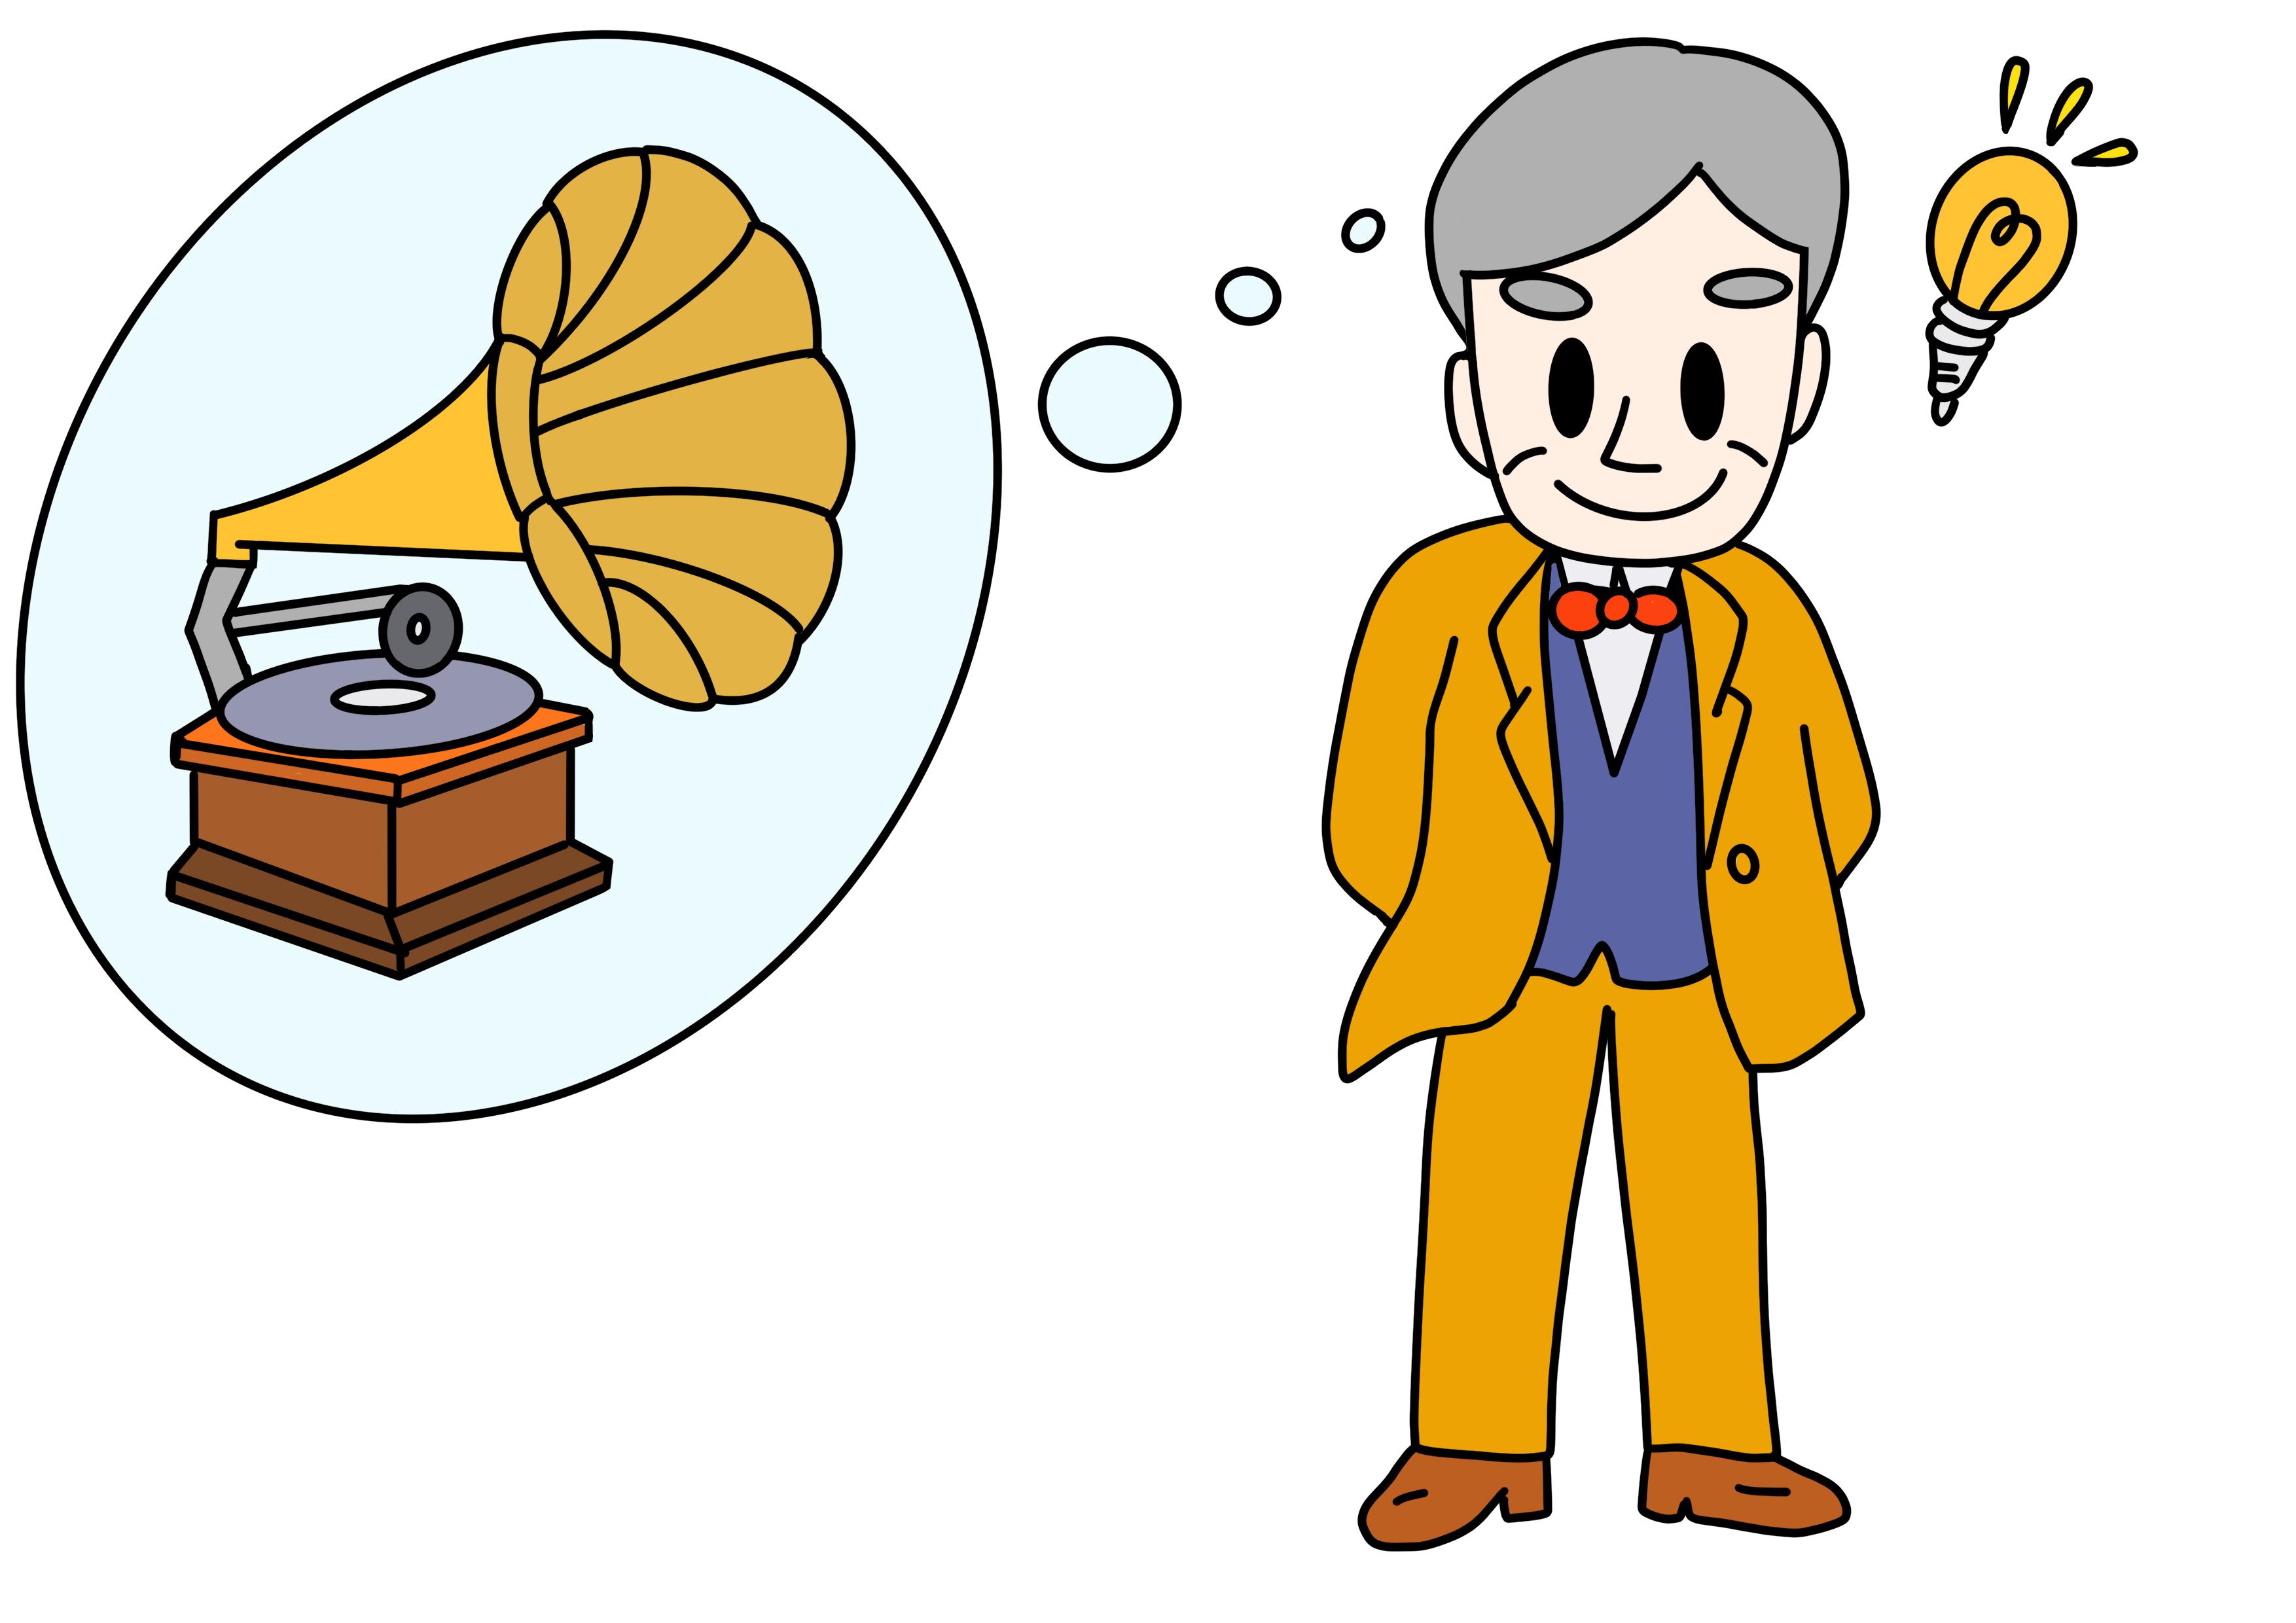 37課イラスト【発明する/発明家】